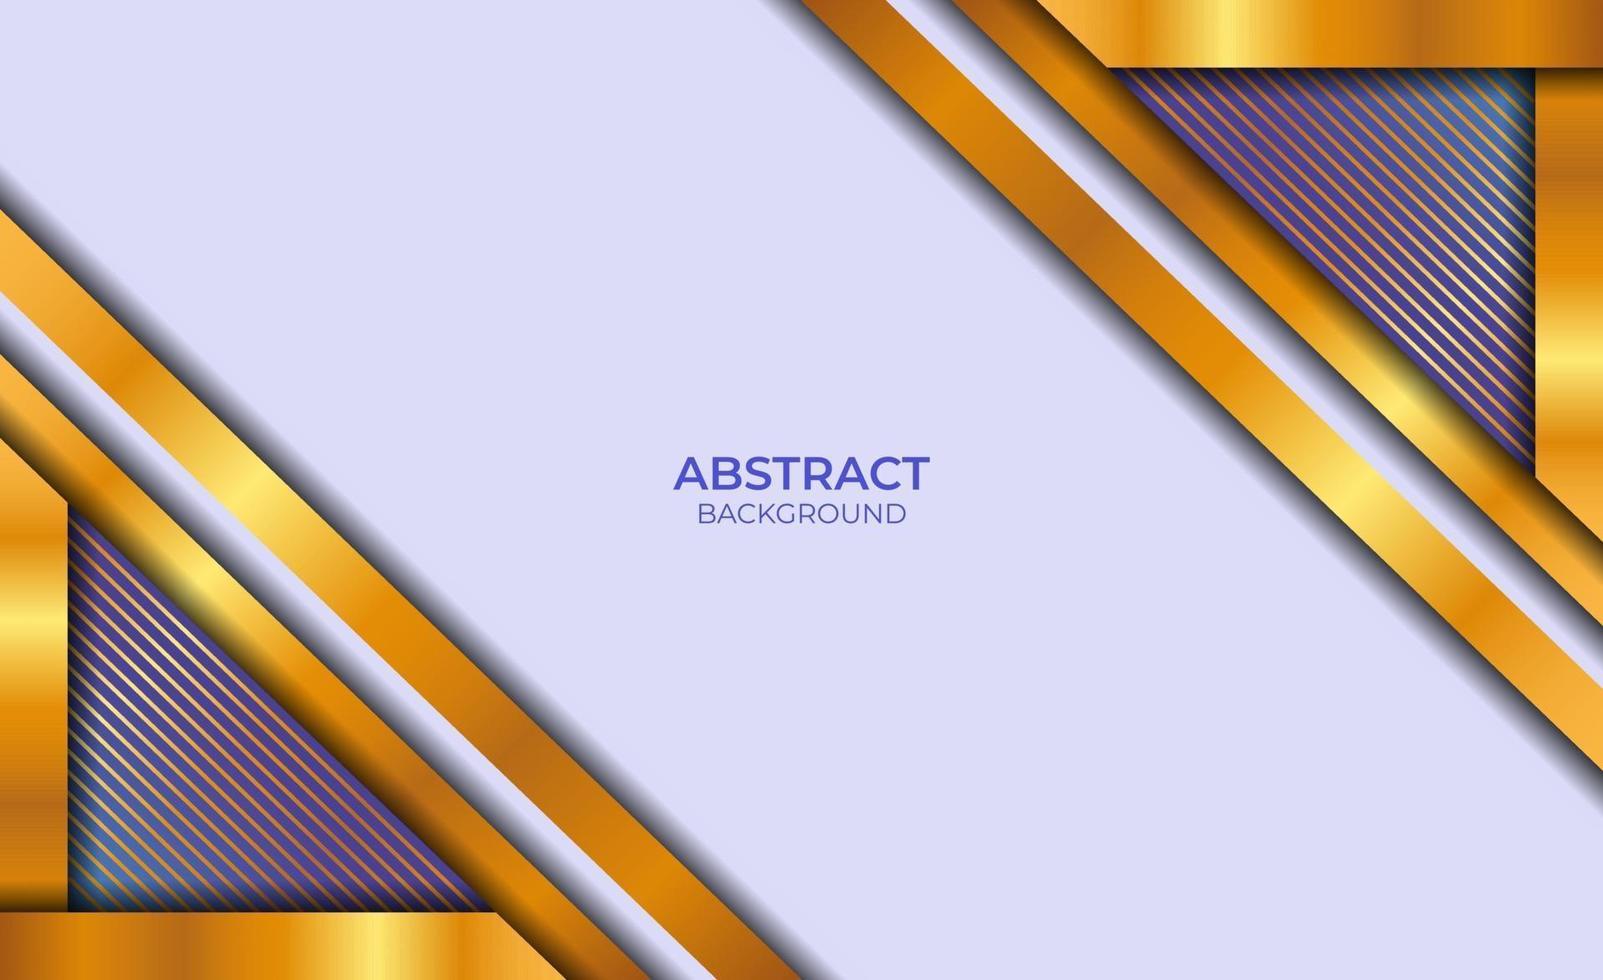 achtergrond abstract blauw en goud vector